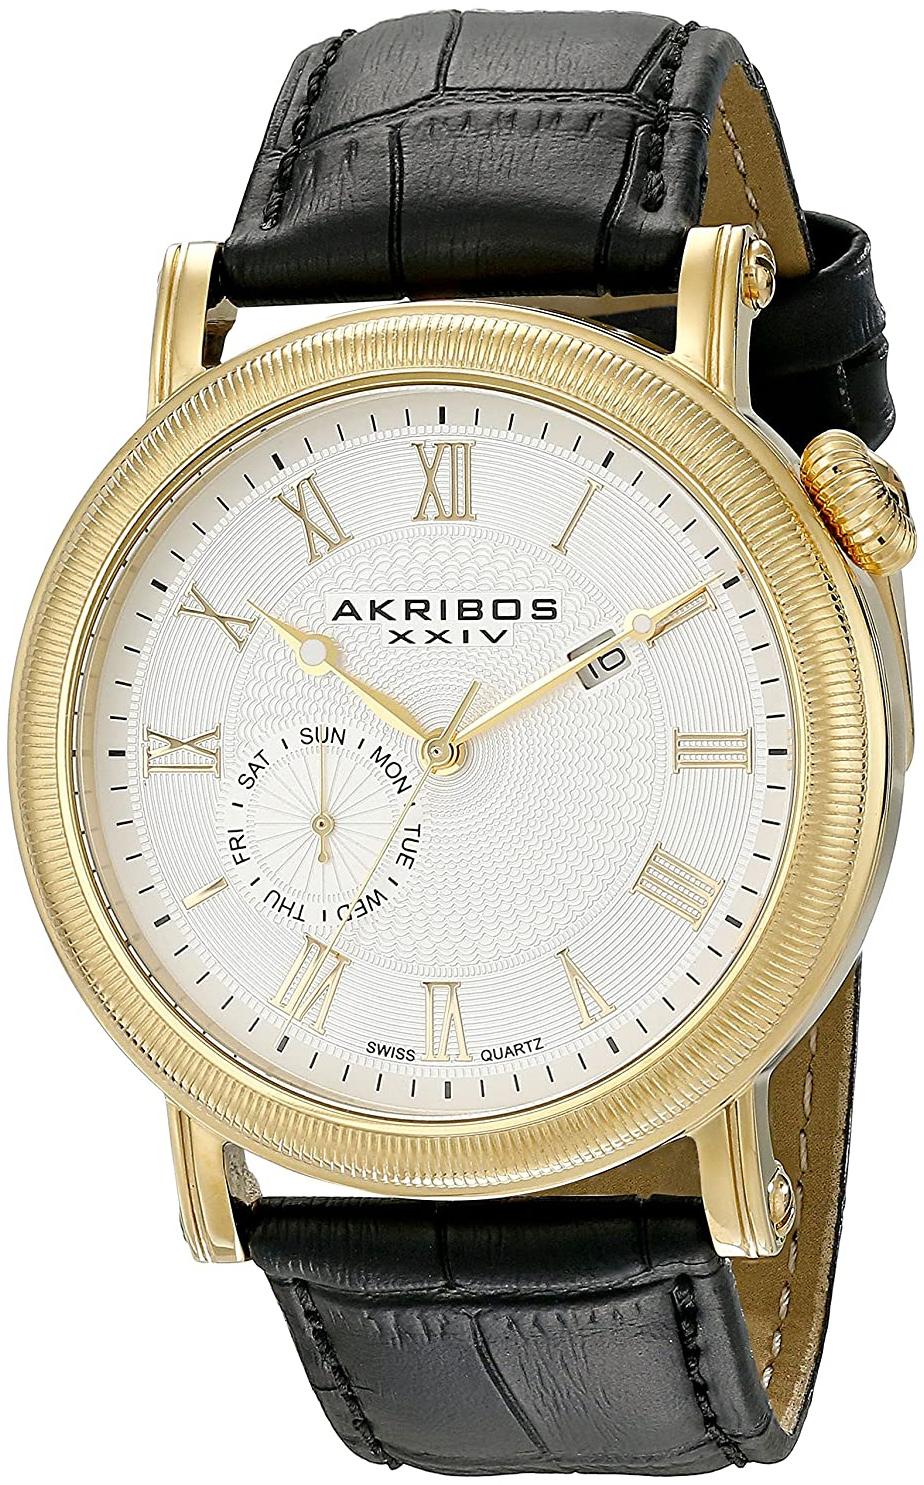 Akribos XXIV Multi-Function Herreklokke AK673YG Hvit/Lær Ø45 mm - Akribos XXIV